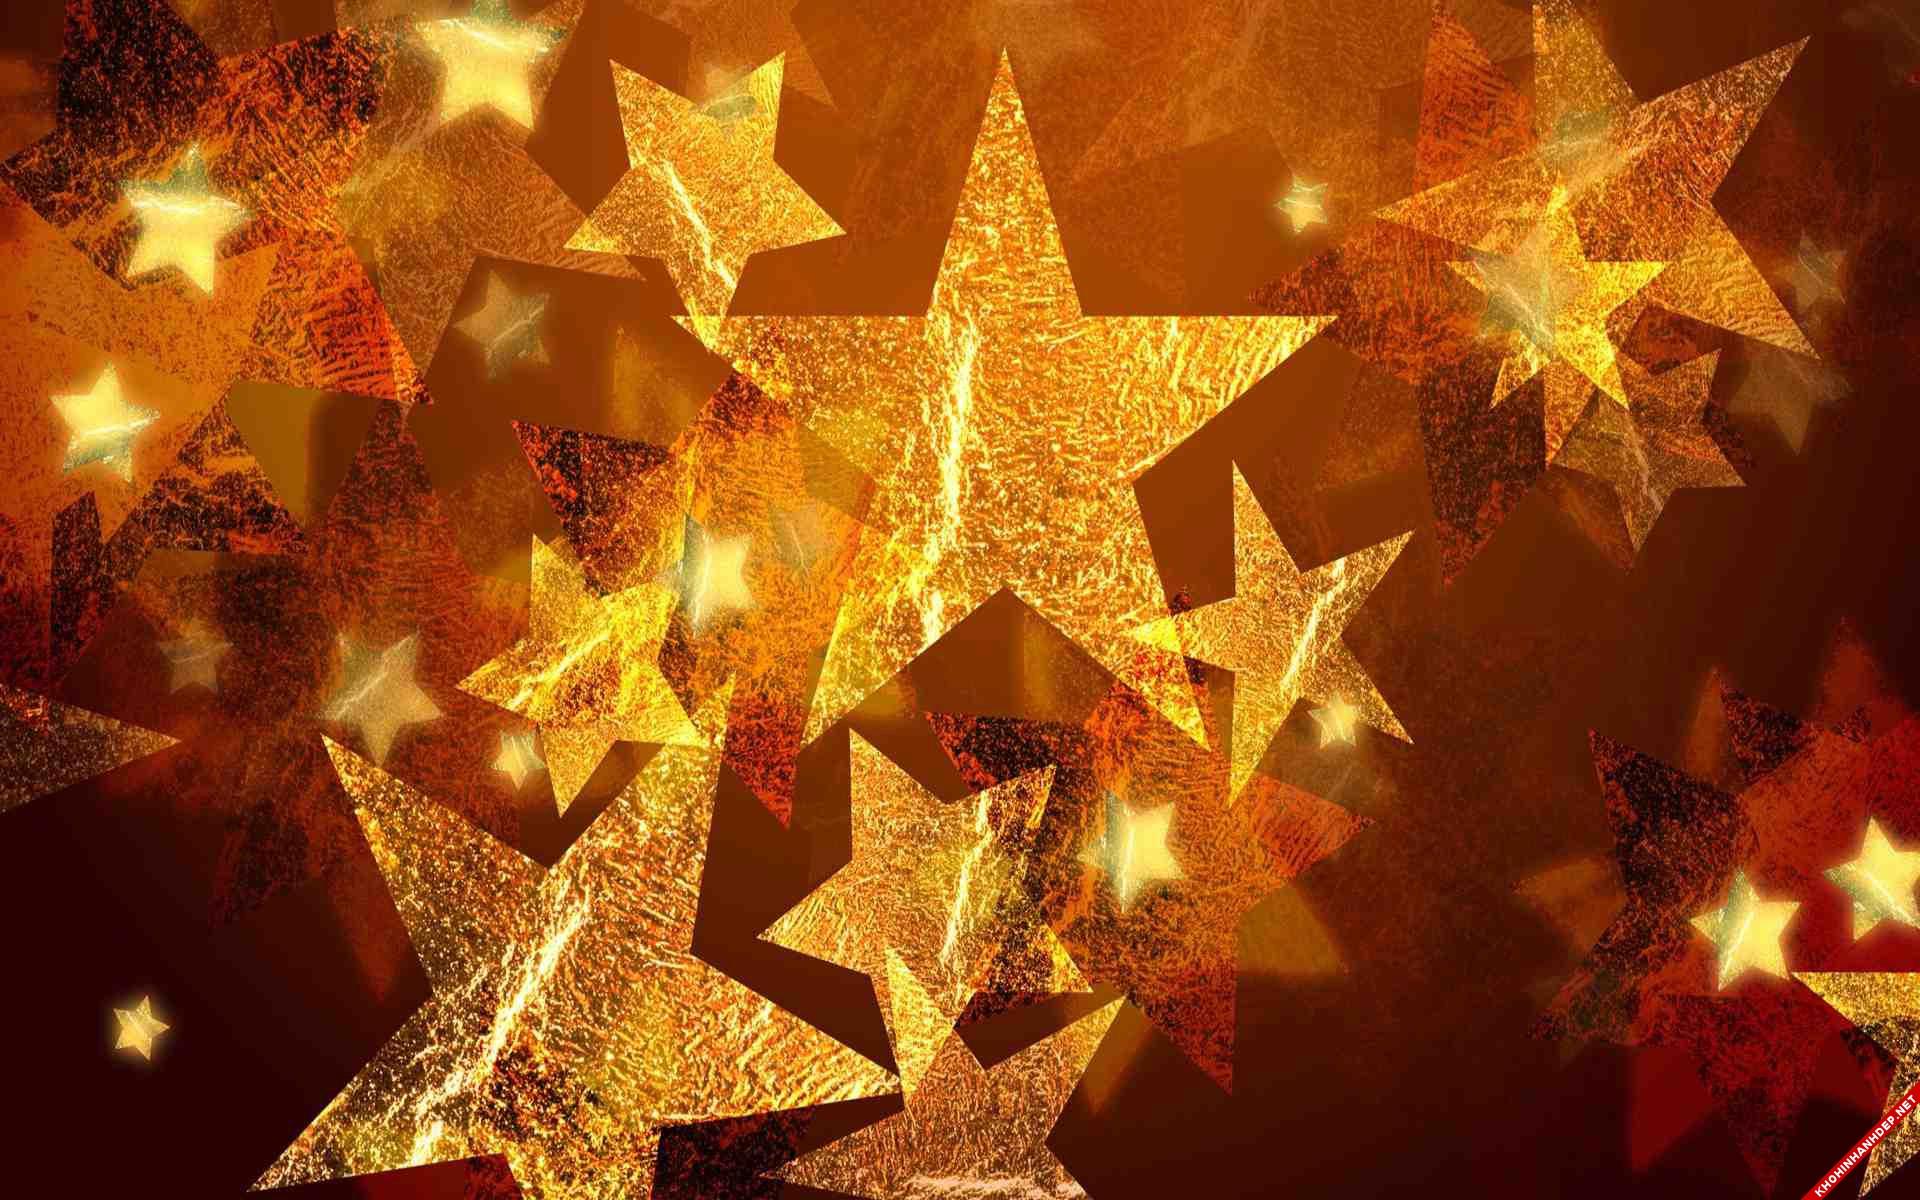 Tải bộ sưu tập hình nền ngôi sao đẹp nhất